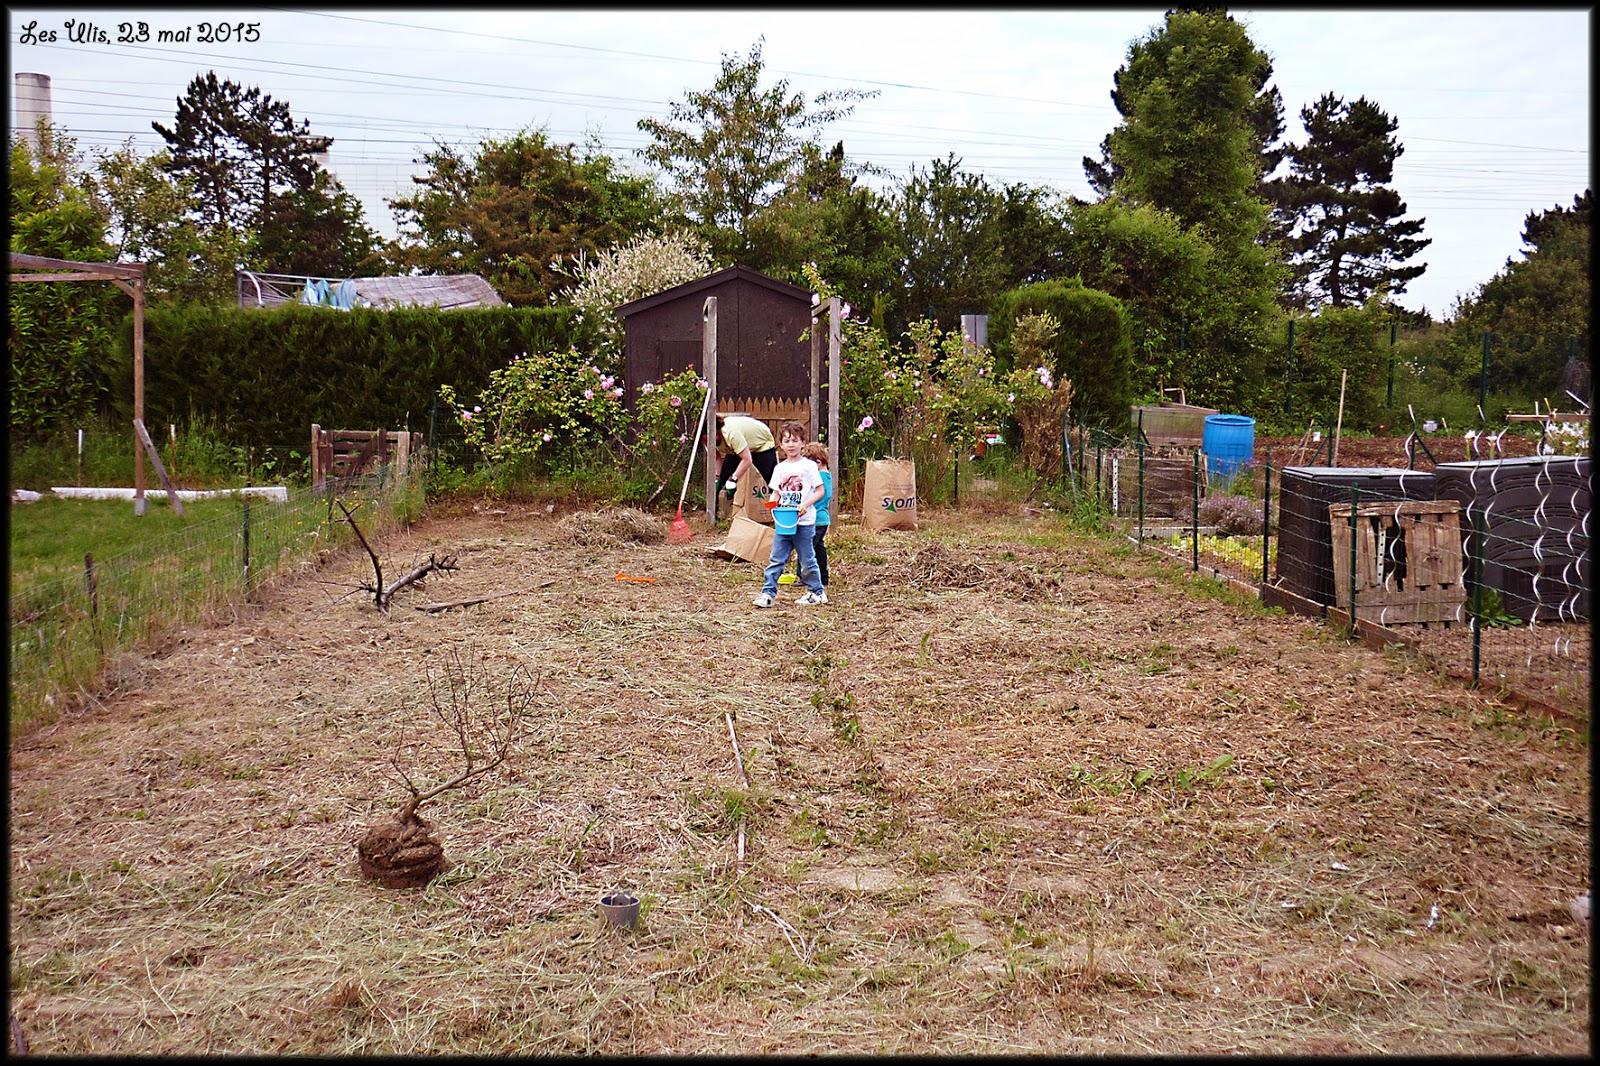 Mon Tas de Trucs: Un petit bout de jardin en ville